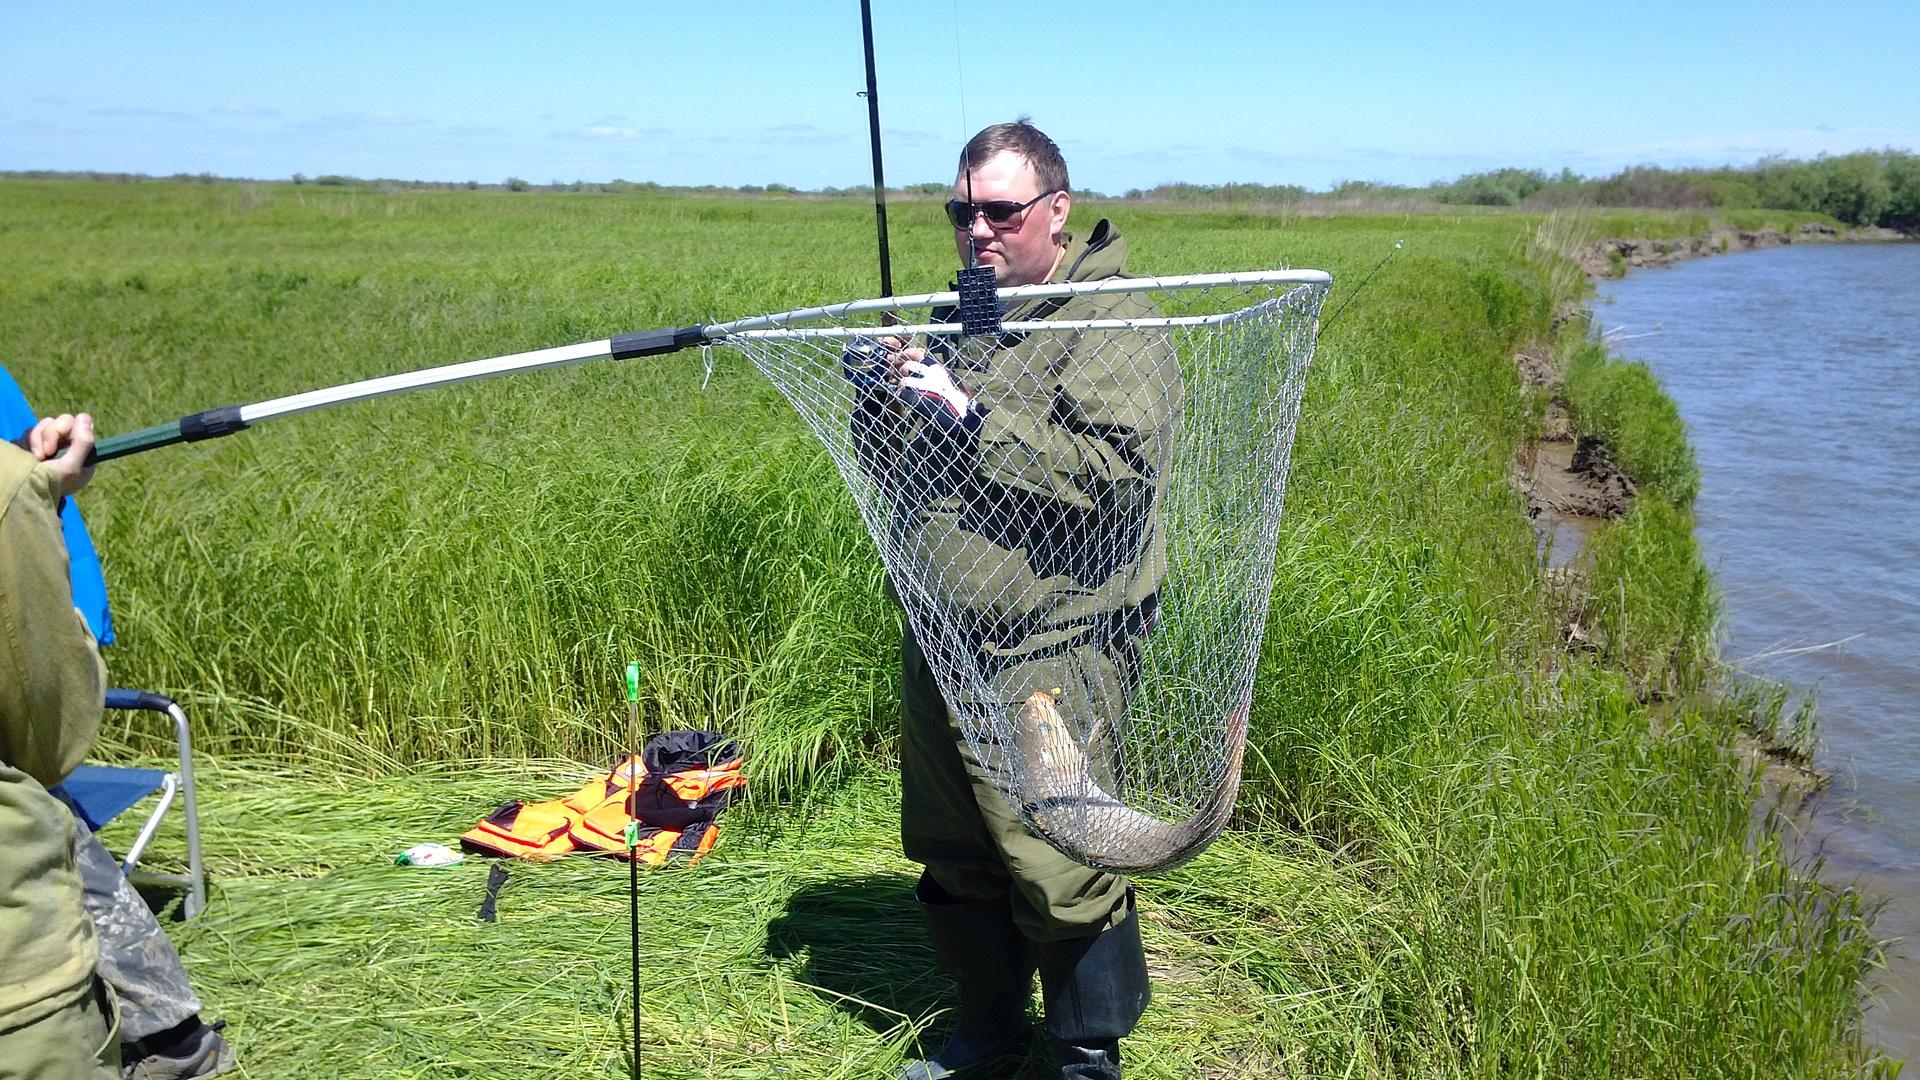 места для рыбалки в запорожской области